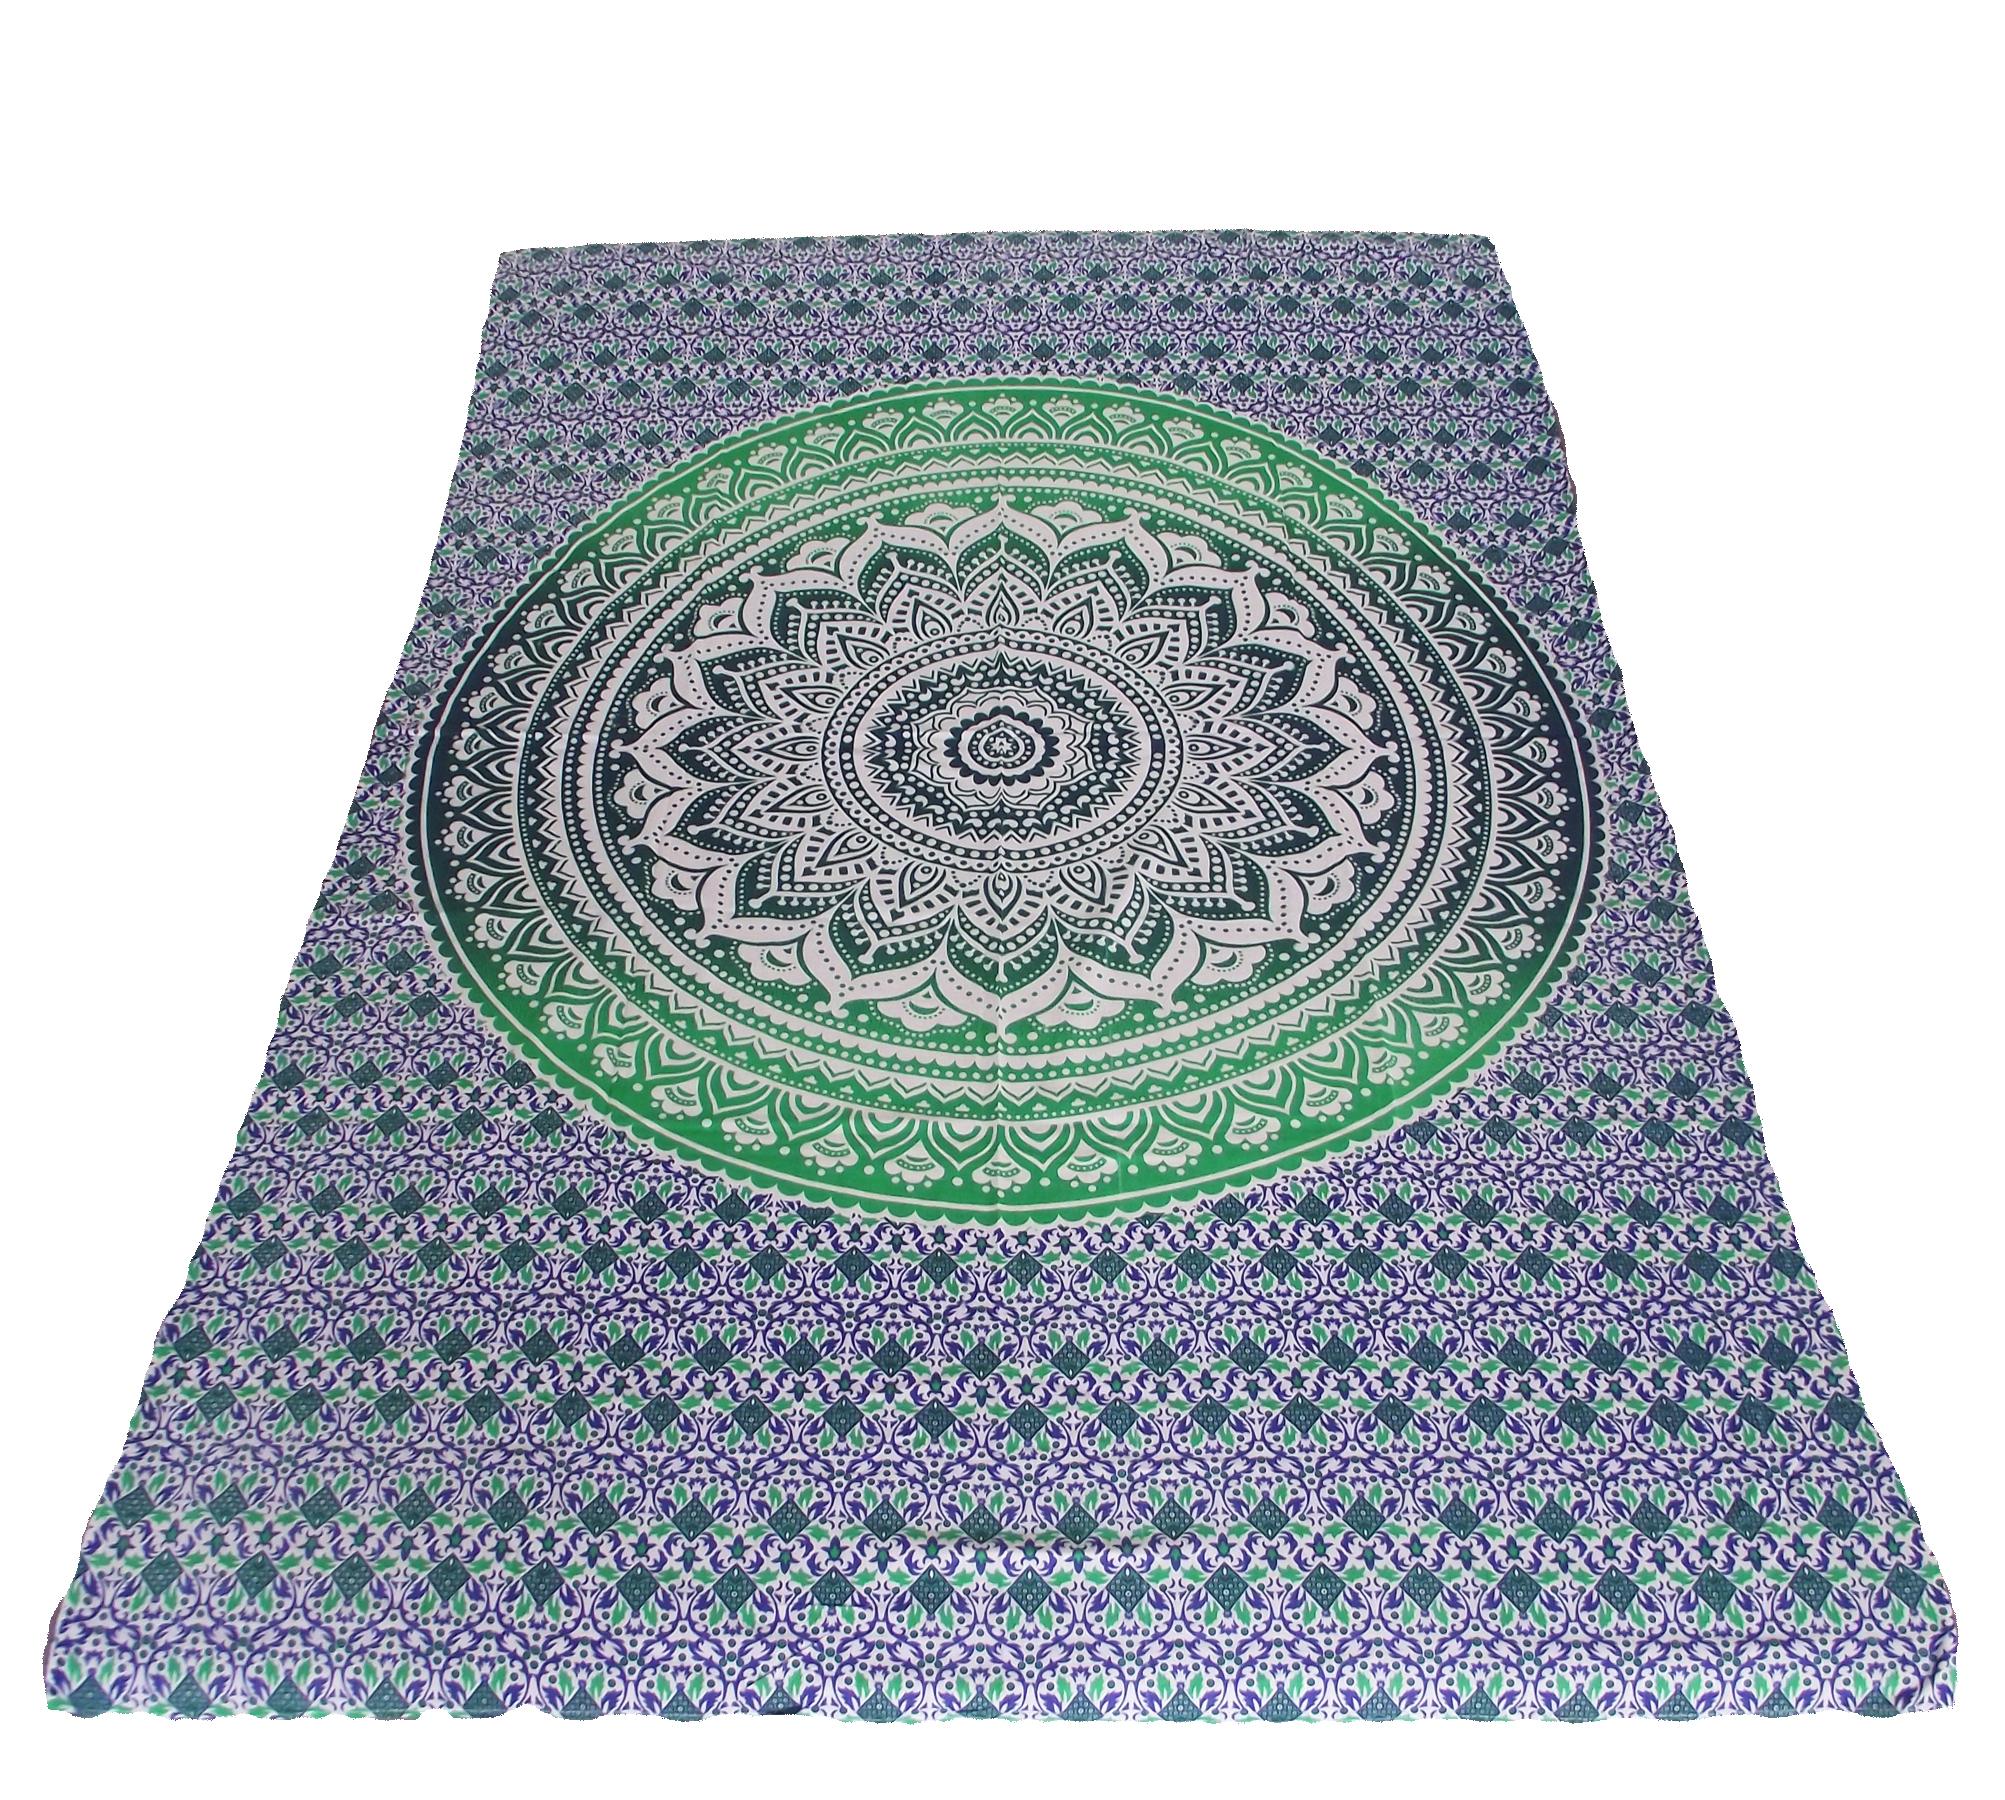 WebdeckeTagesdedcke Wandtuch Tuch Bettüberwurf Bed Cover Sonne Indien Sultan